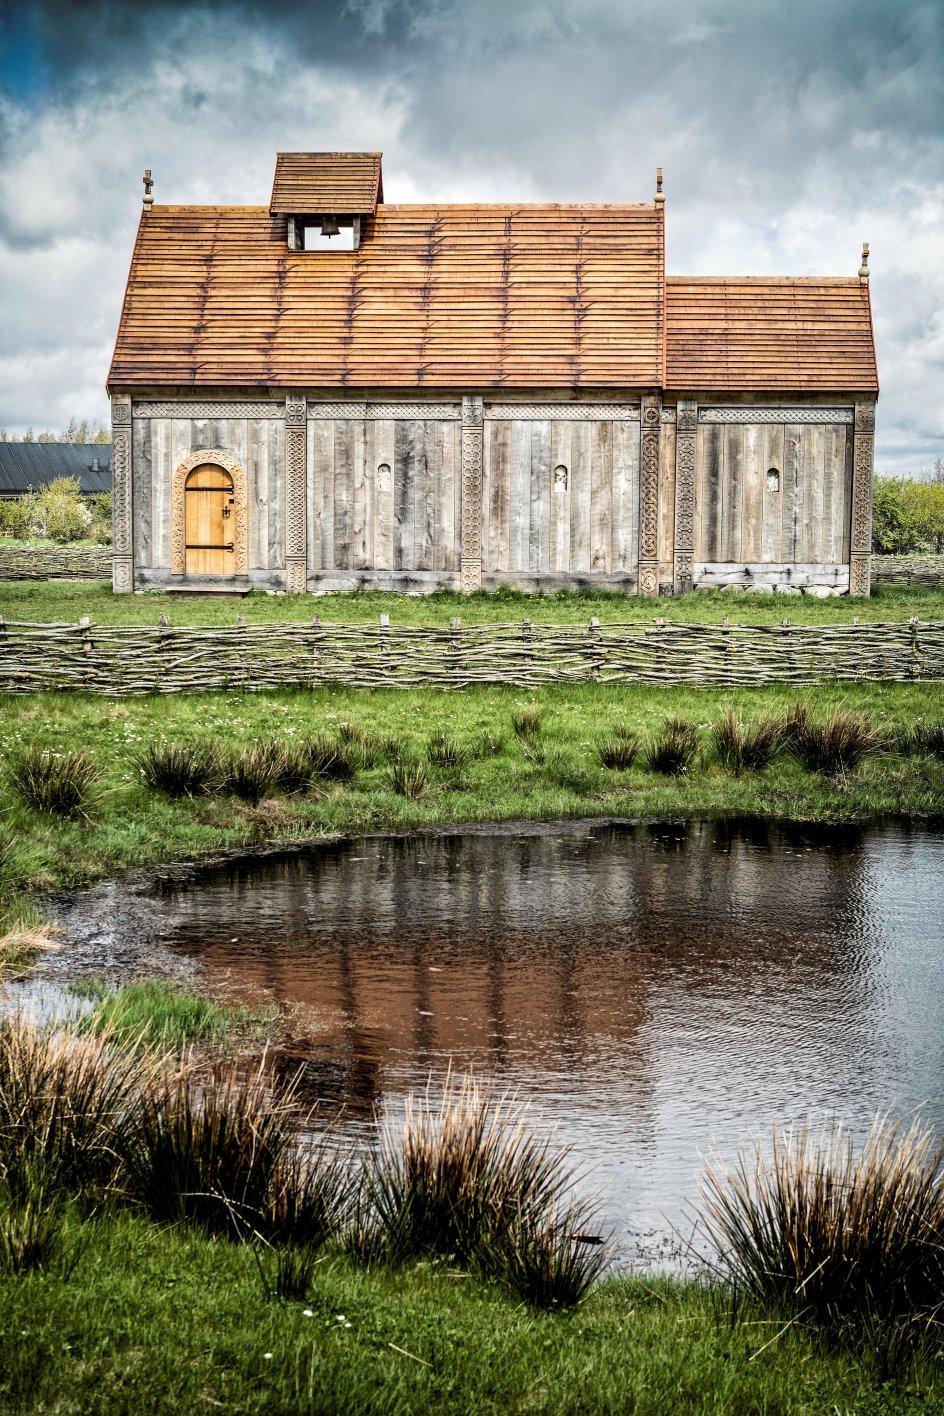 Både Ribe Stifts forhenværende biskop Elisabeth Dons Christensen og den nuværende biskop, Elof Westergaard, var med til indvielsen af Ansgar Kirke på Ribe VikingeCenter i går. Udgravninger omkring Ribe Domkirke har vist, at der var kristne danskere mindst 100 år tidligere, i 800-tallet, end hidtil antaget. Harald Blåtand rejste Jellingstenen omkring år 970. –